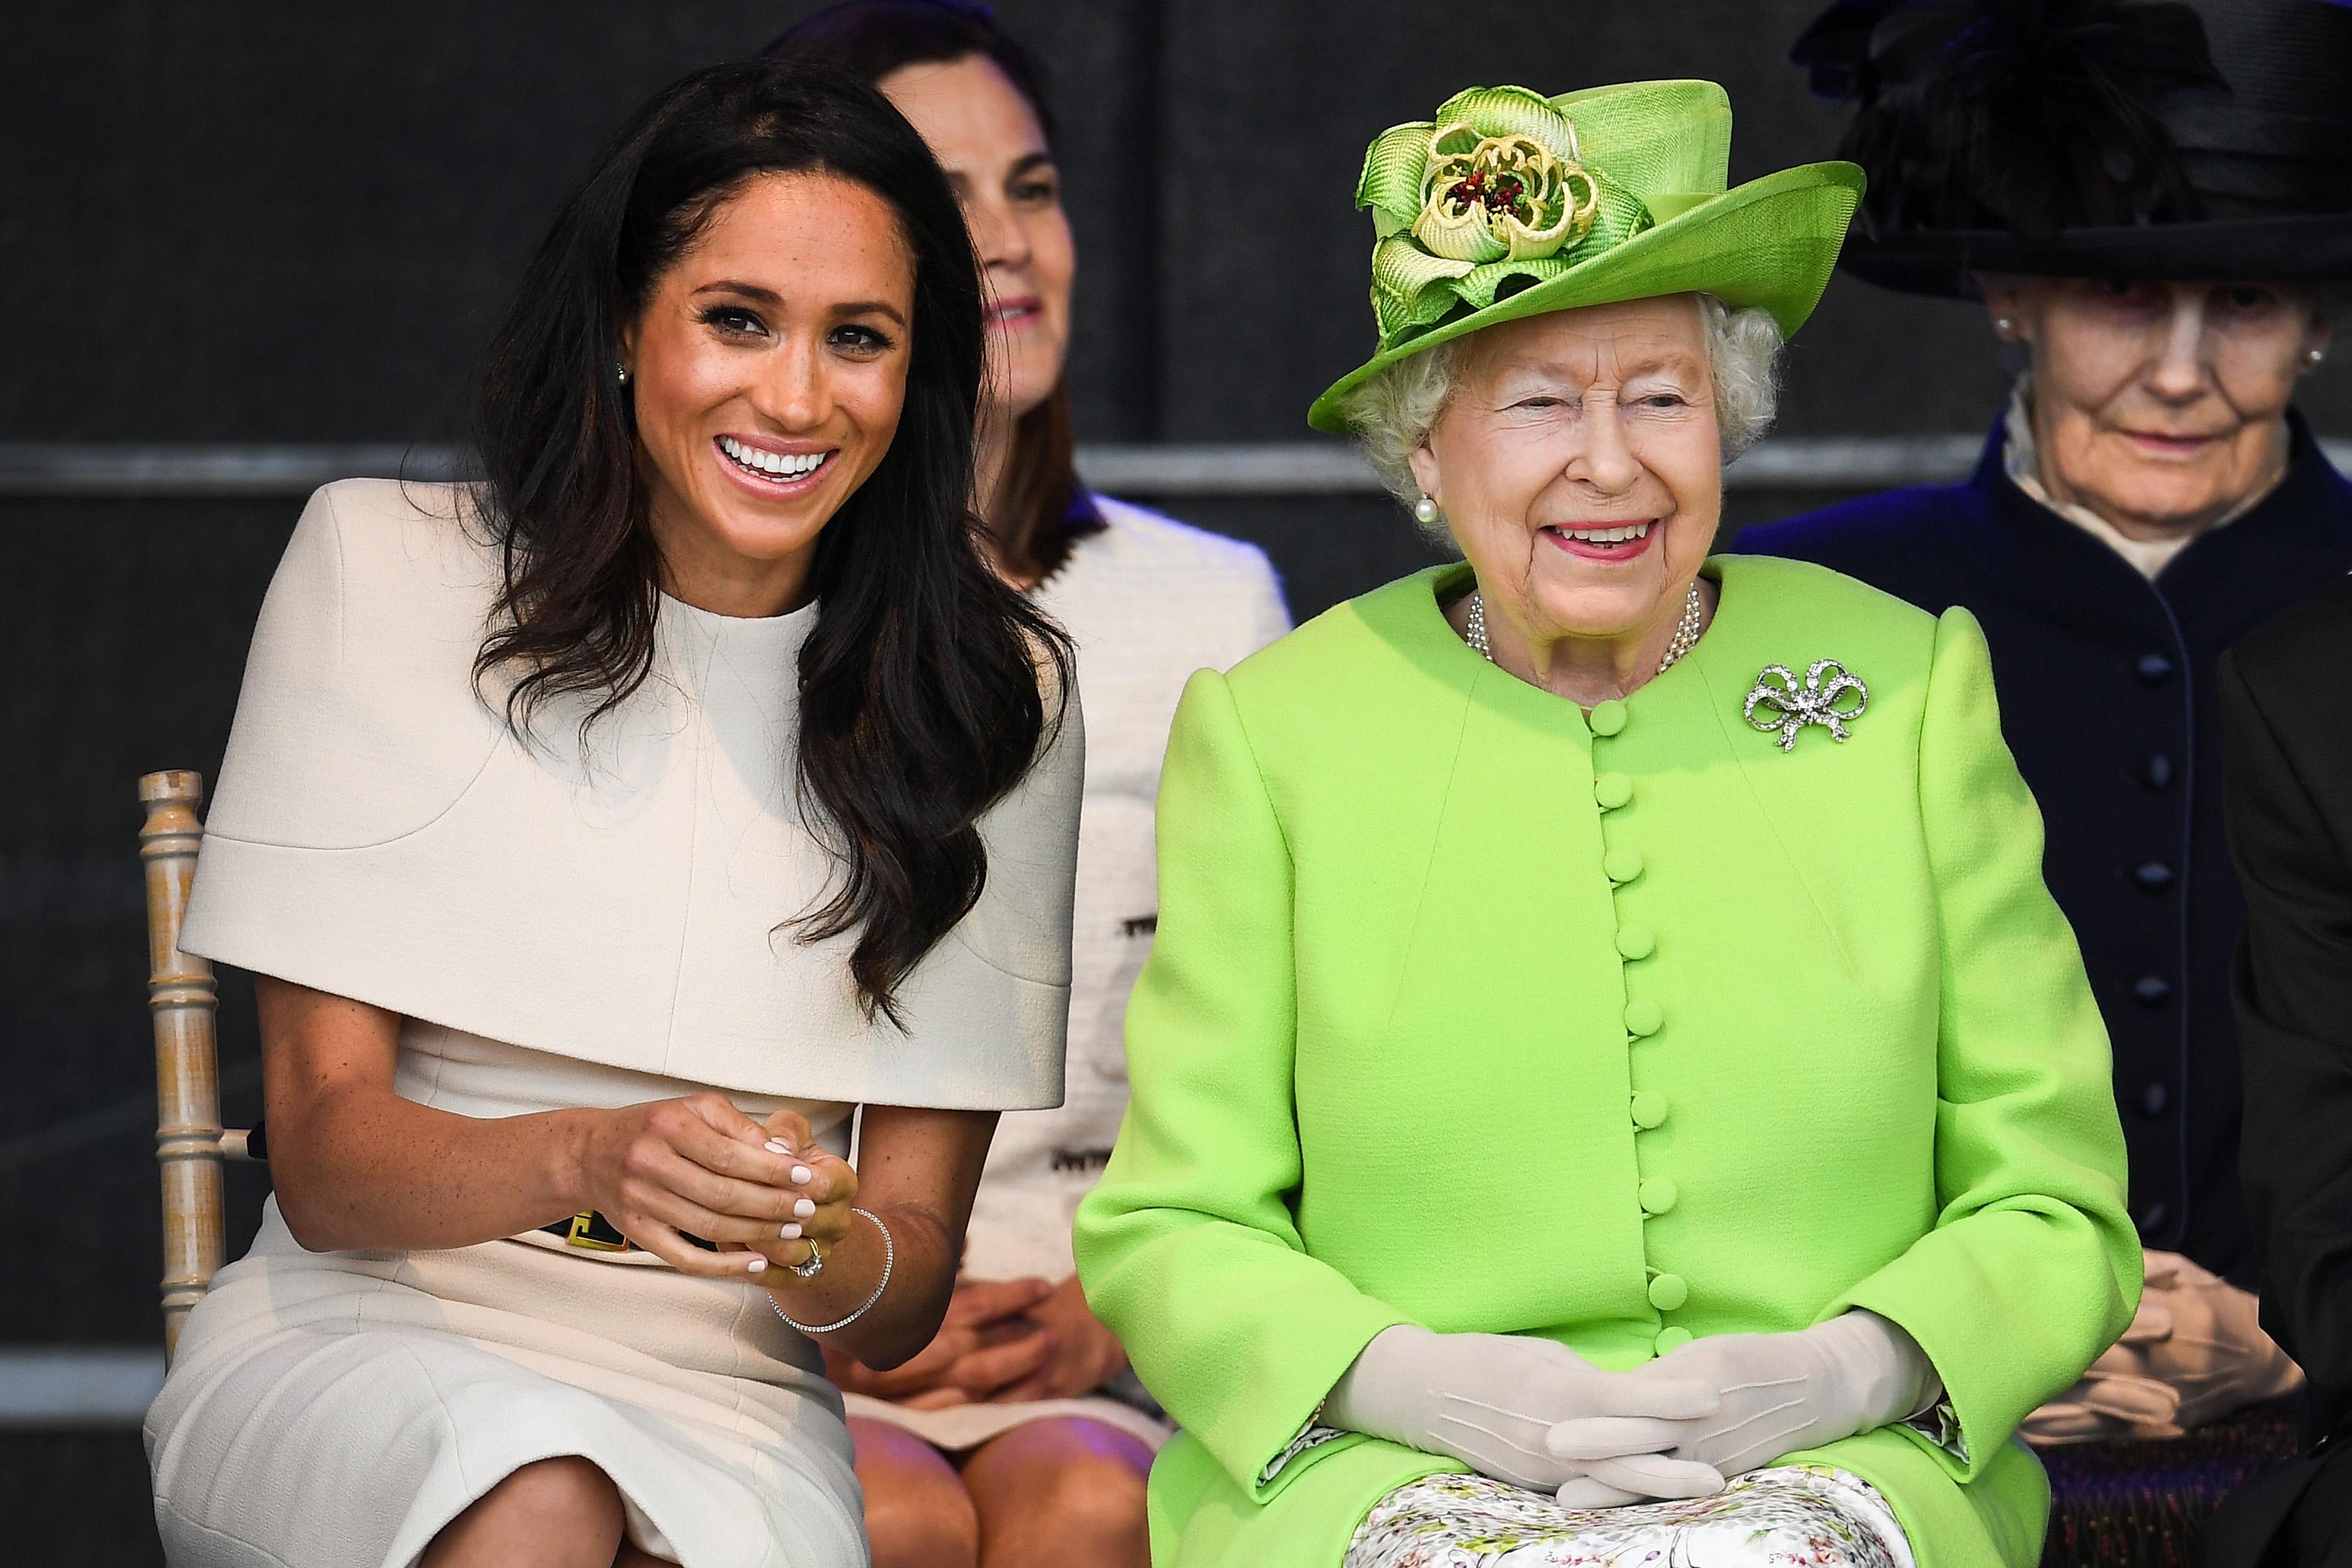 La regina Elisabetta II in aiuto di Meghan Markle per risolvere i suoi problemi a corte